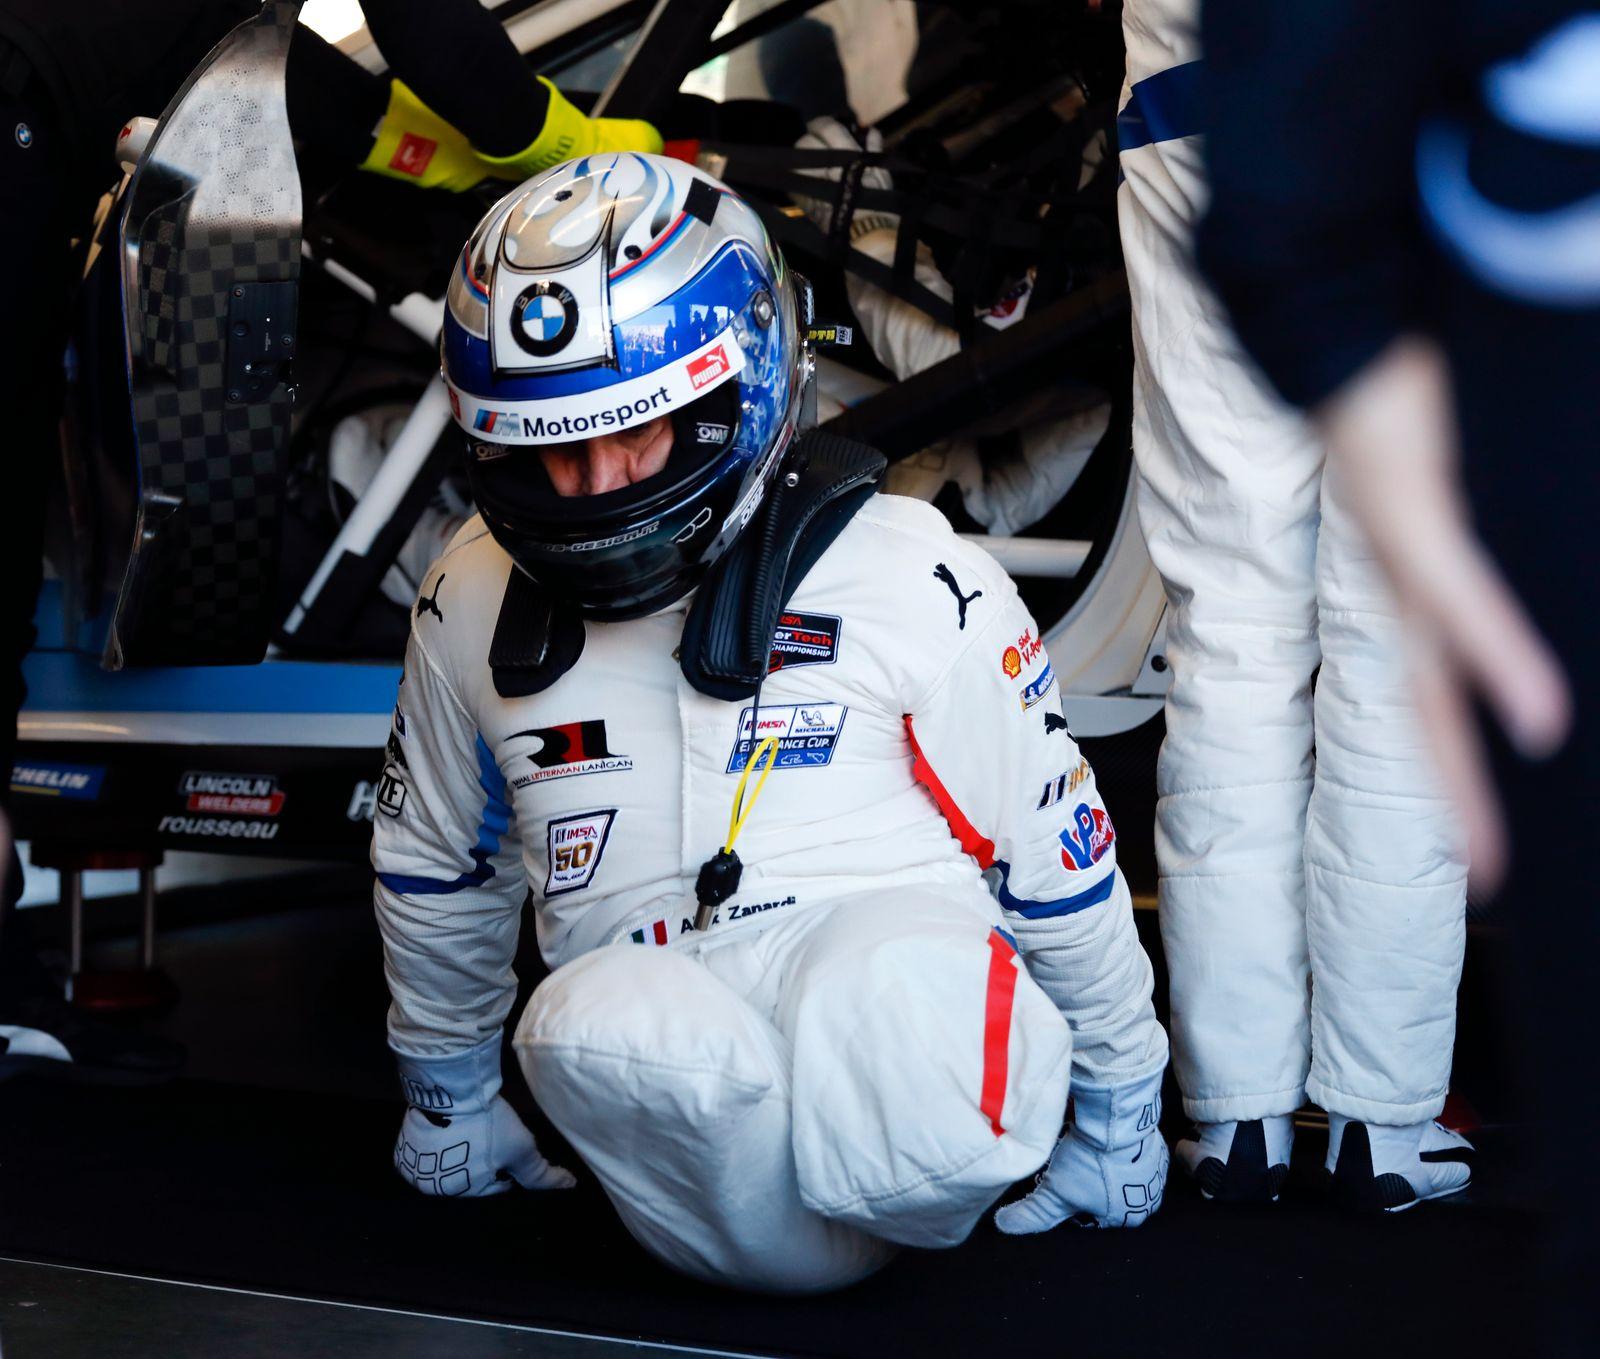 IMSA Daytona Rolex Auto Racing